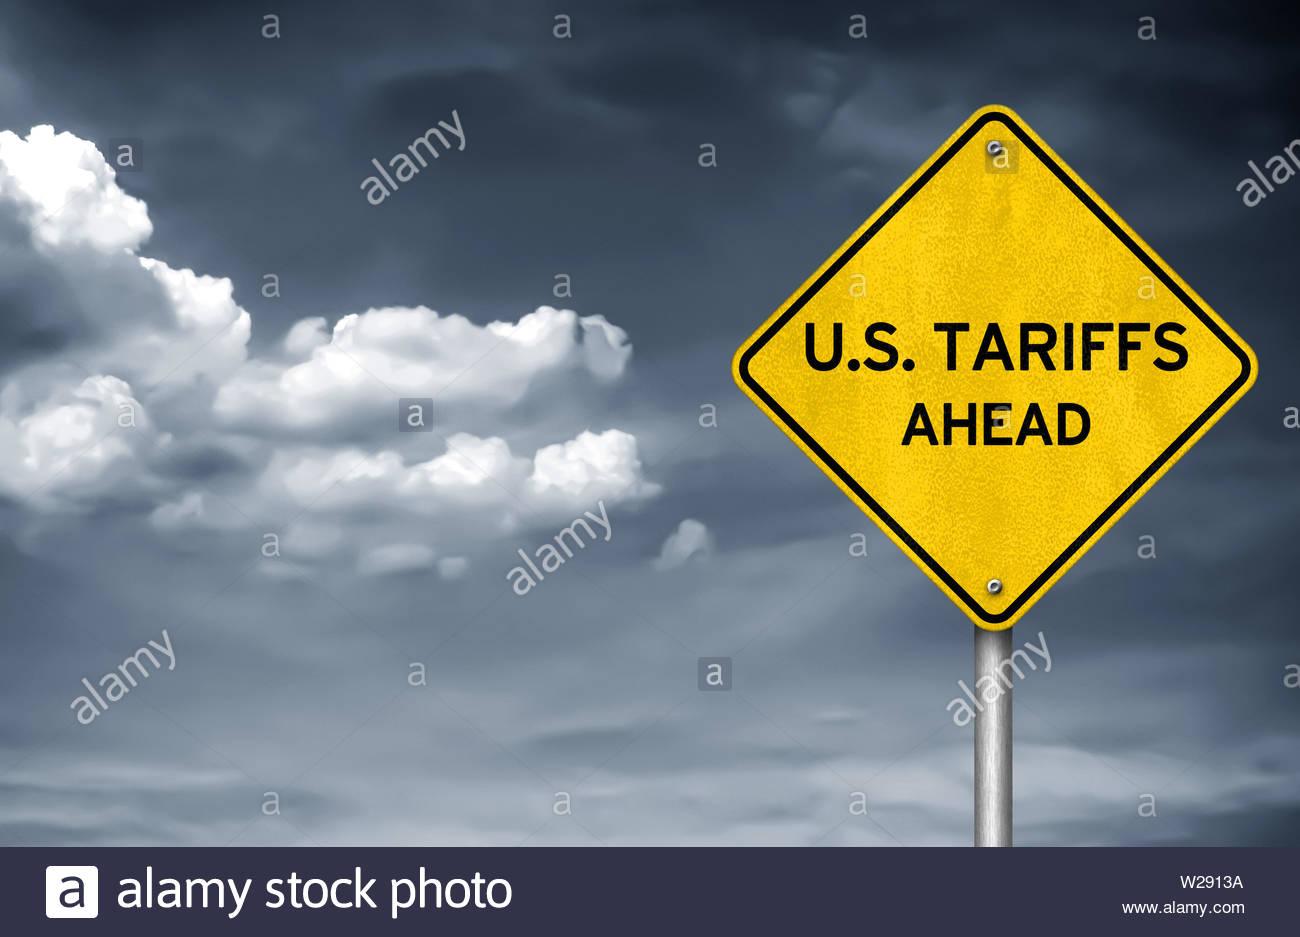 US Tariffs ahead - road sign illustration - Stock Image